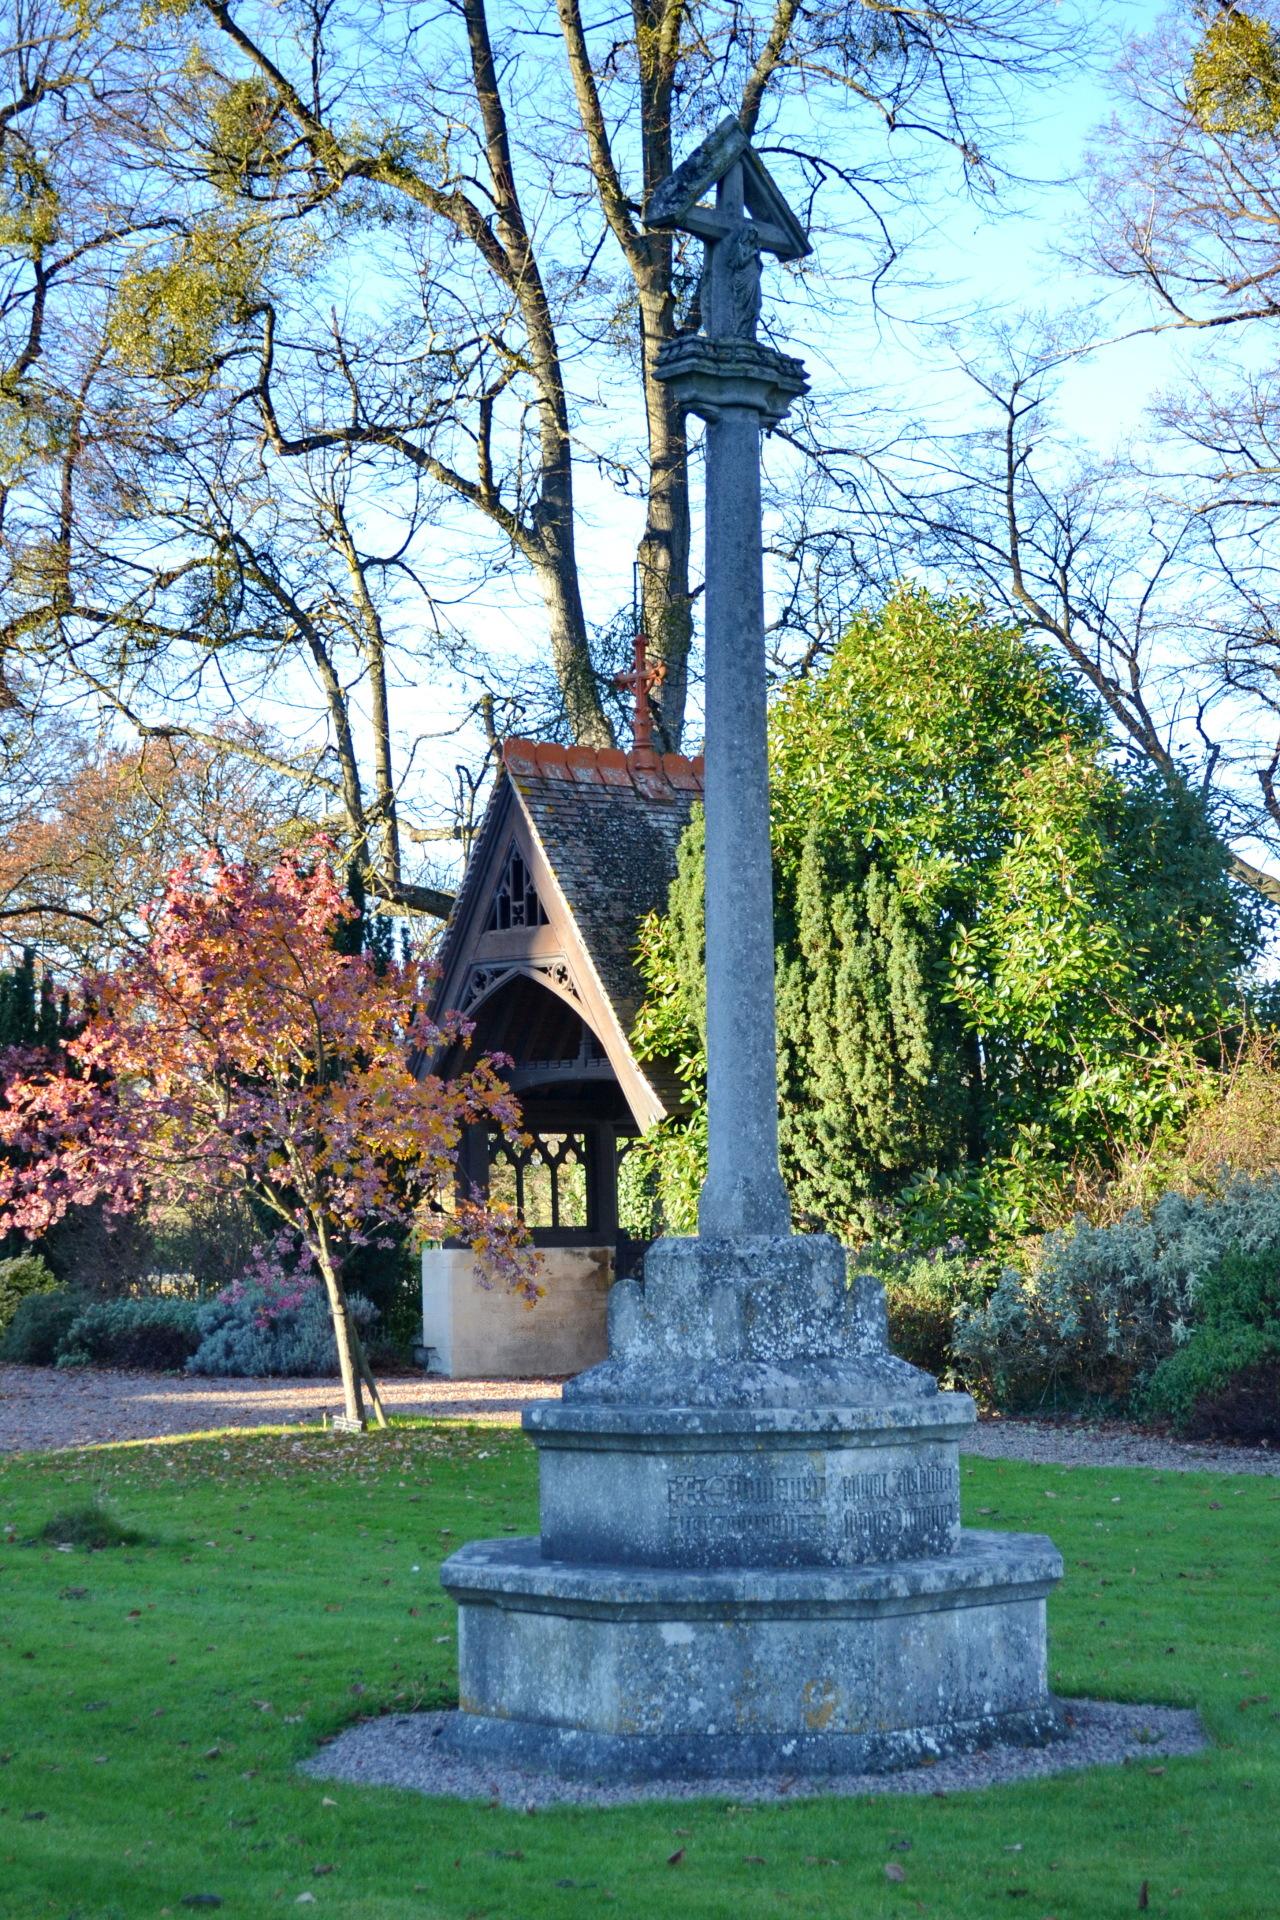 The Lychgate & Memorial Cross